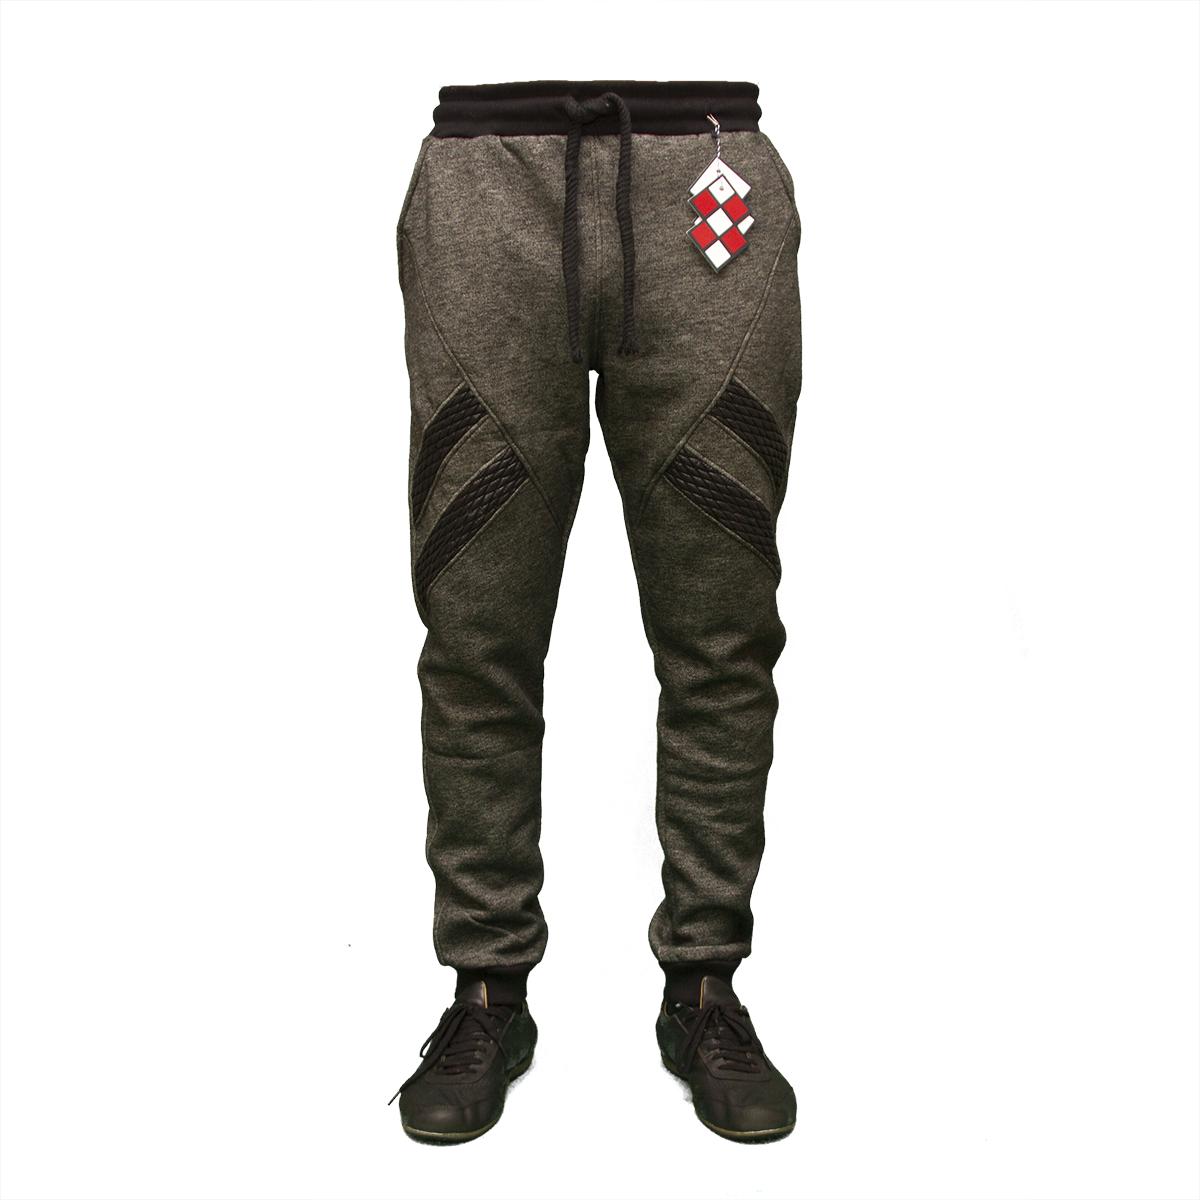 502d604ade75 Мужские молодежные теплые брюки под манжет тм. Tommy Life пр-во. Турция  новые